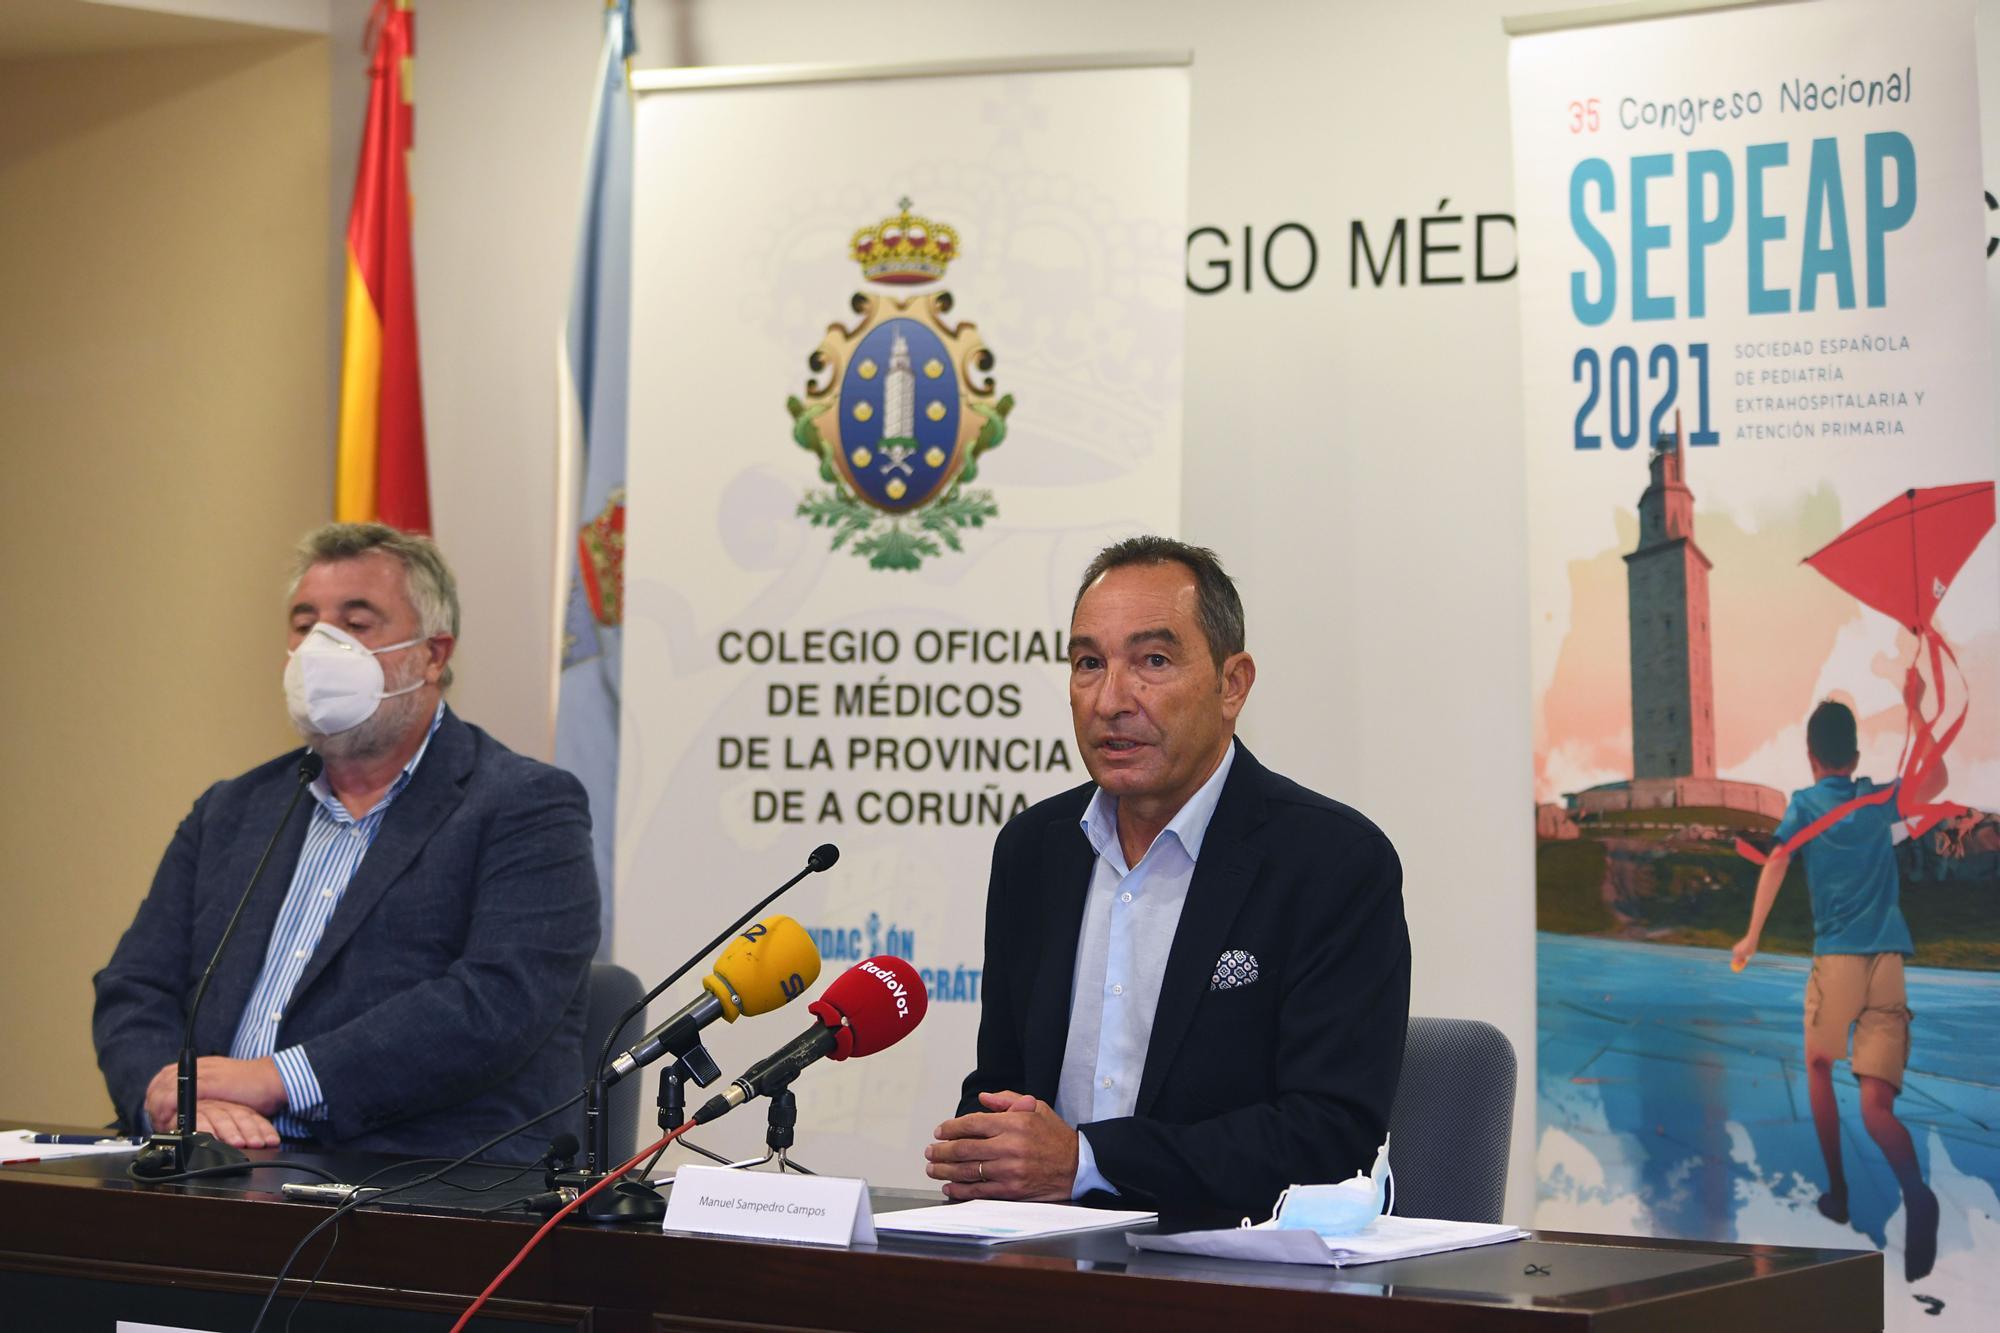 Un millar de pediatras se incriben en el XXXV congreso nacional que se celebrará en A Coruña